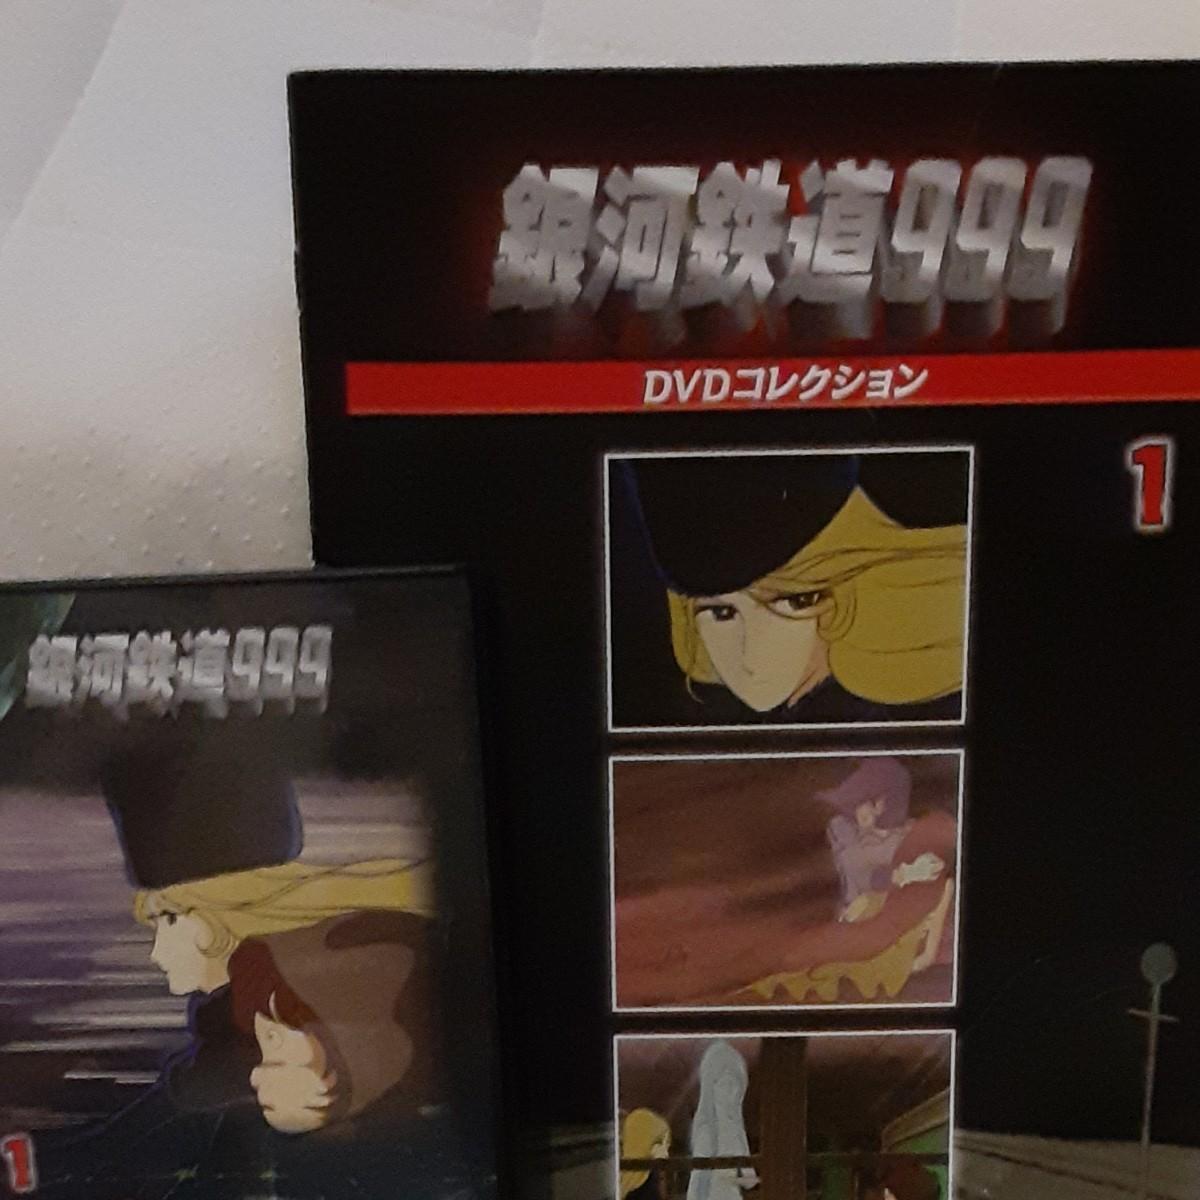 銀河鉄道999 DVDコレクション1